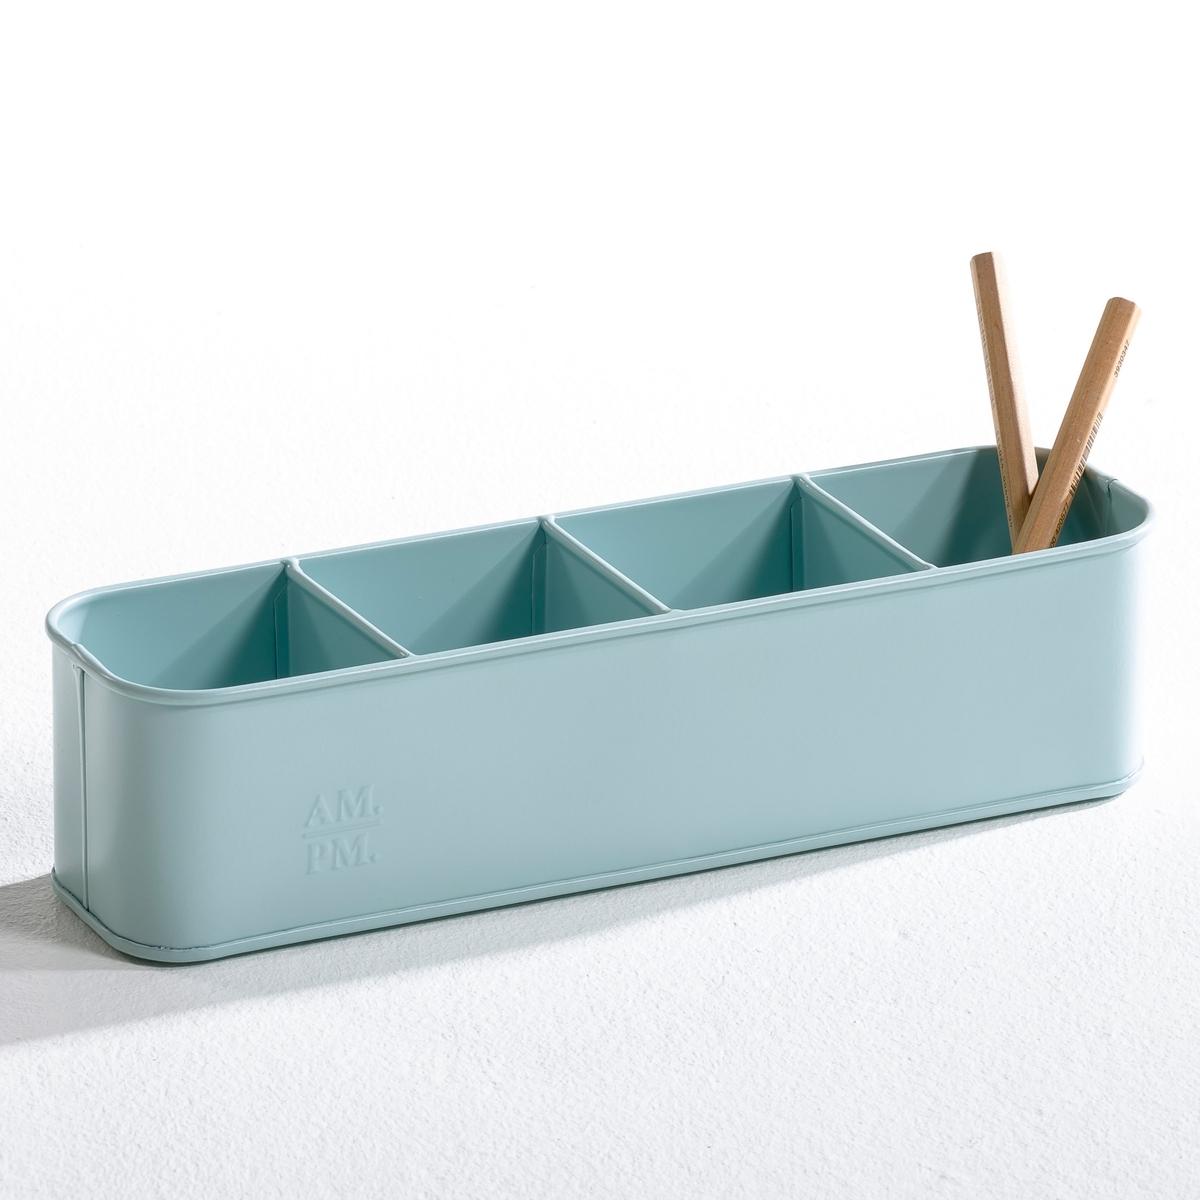 Карандашница ArregloХарактеристики карандашницы  :- 4 отделения .- Можно использовать также как монетницу, кашпо или для хранения столовых приборов   - Размеры карандашницы :  .32 x .8 x .8 см..<br><br>Цвет: белый,зелено-голубой матовый,серый<br>Размер: единый размер